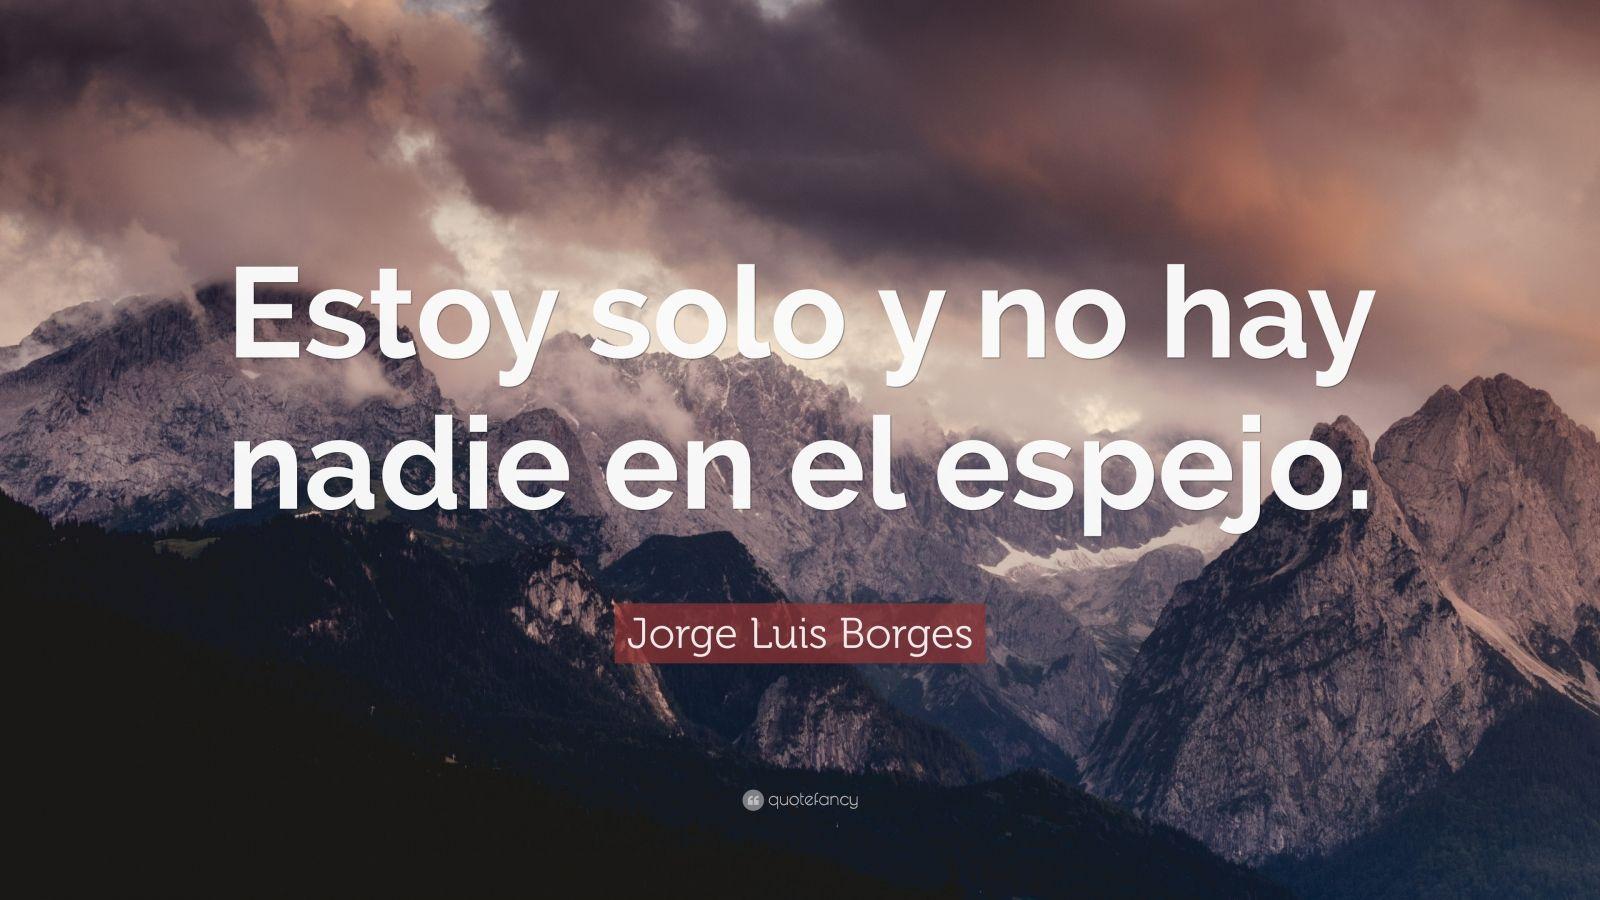 """Jorge Luis Borges Quote: """"Estoy solo y no hay nadie en el espejo."""""""